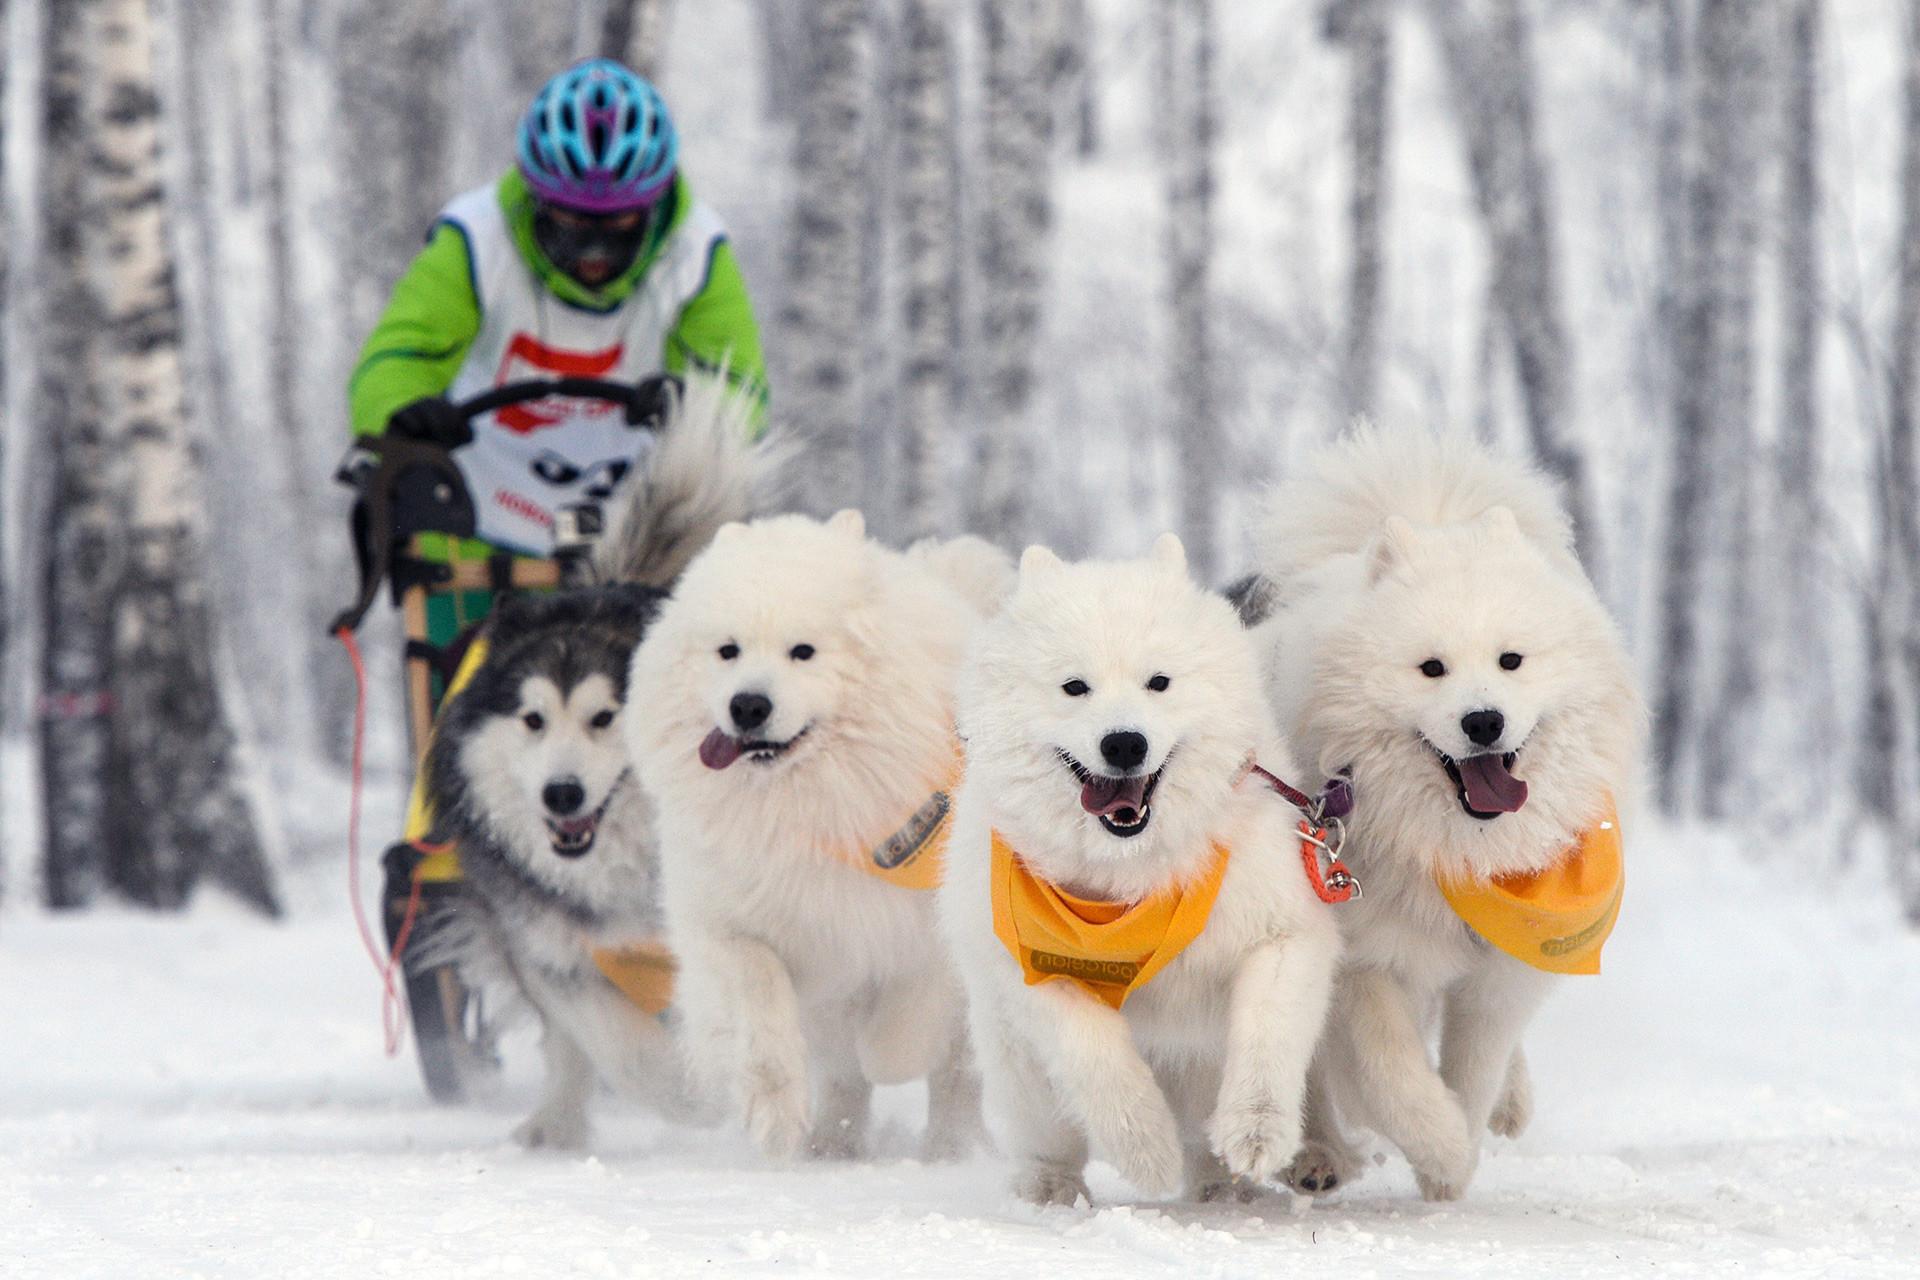 ノヴォシビルスクで行われた犬橇の大会の参加者。